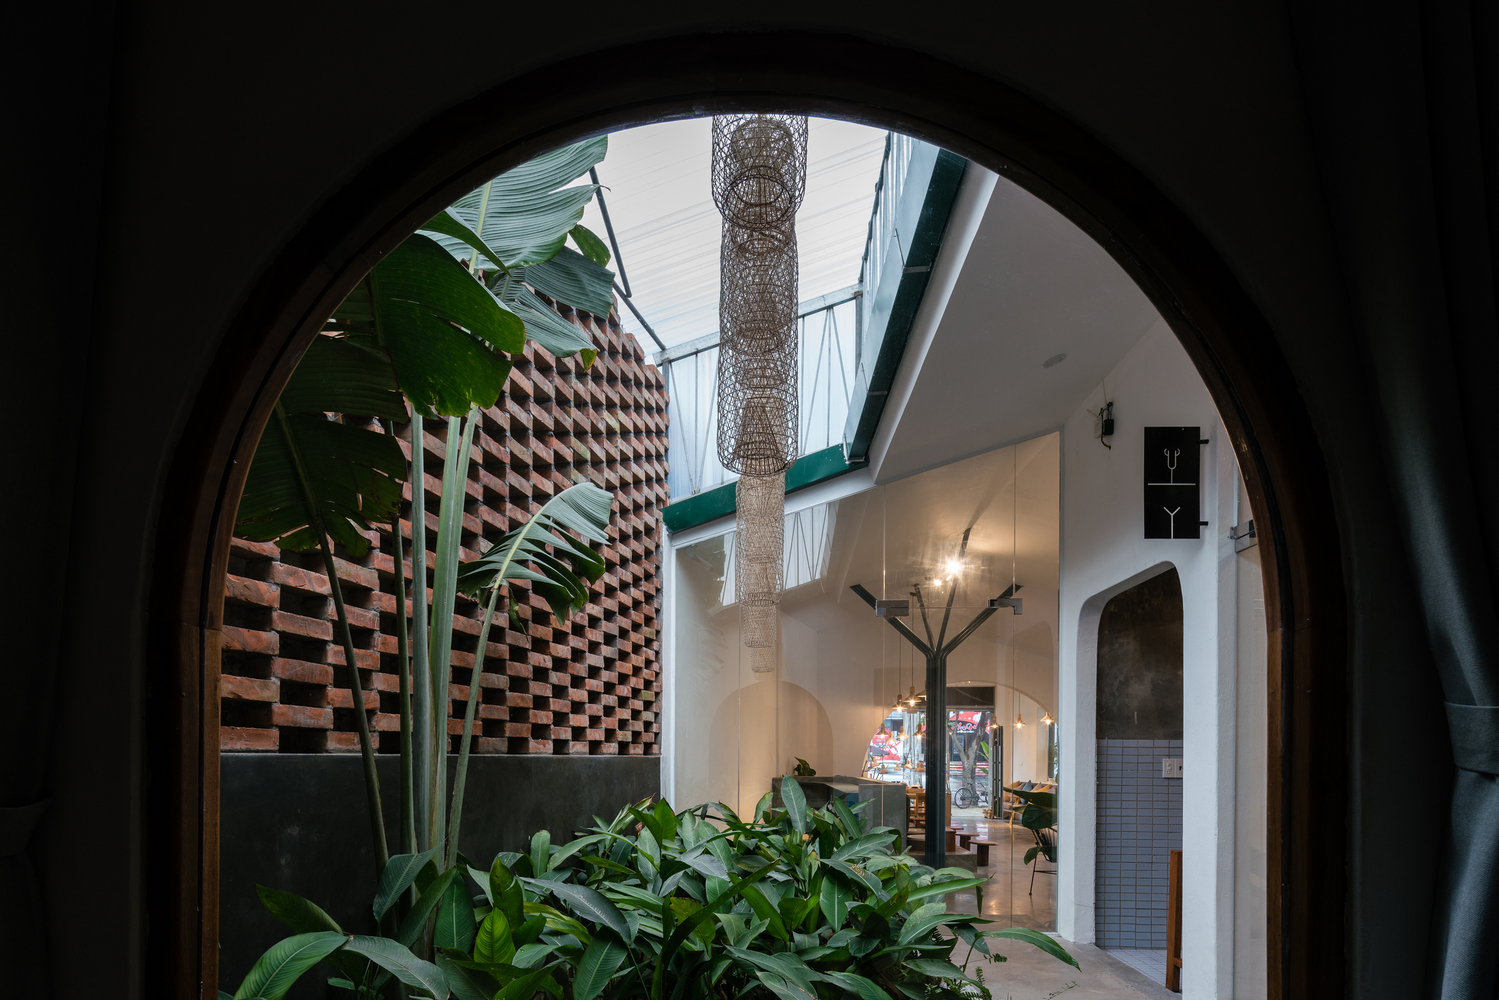 طراحی سالن زیبایی در همجواری ساختمان قدیمی